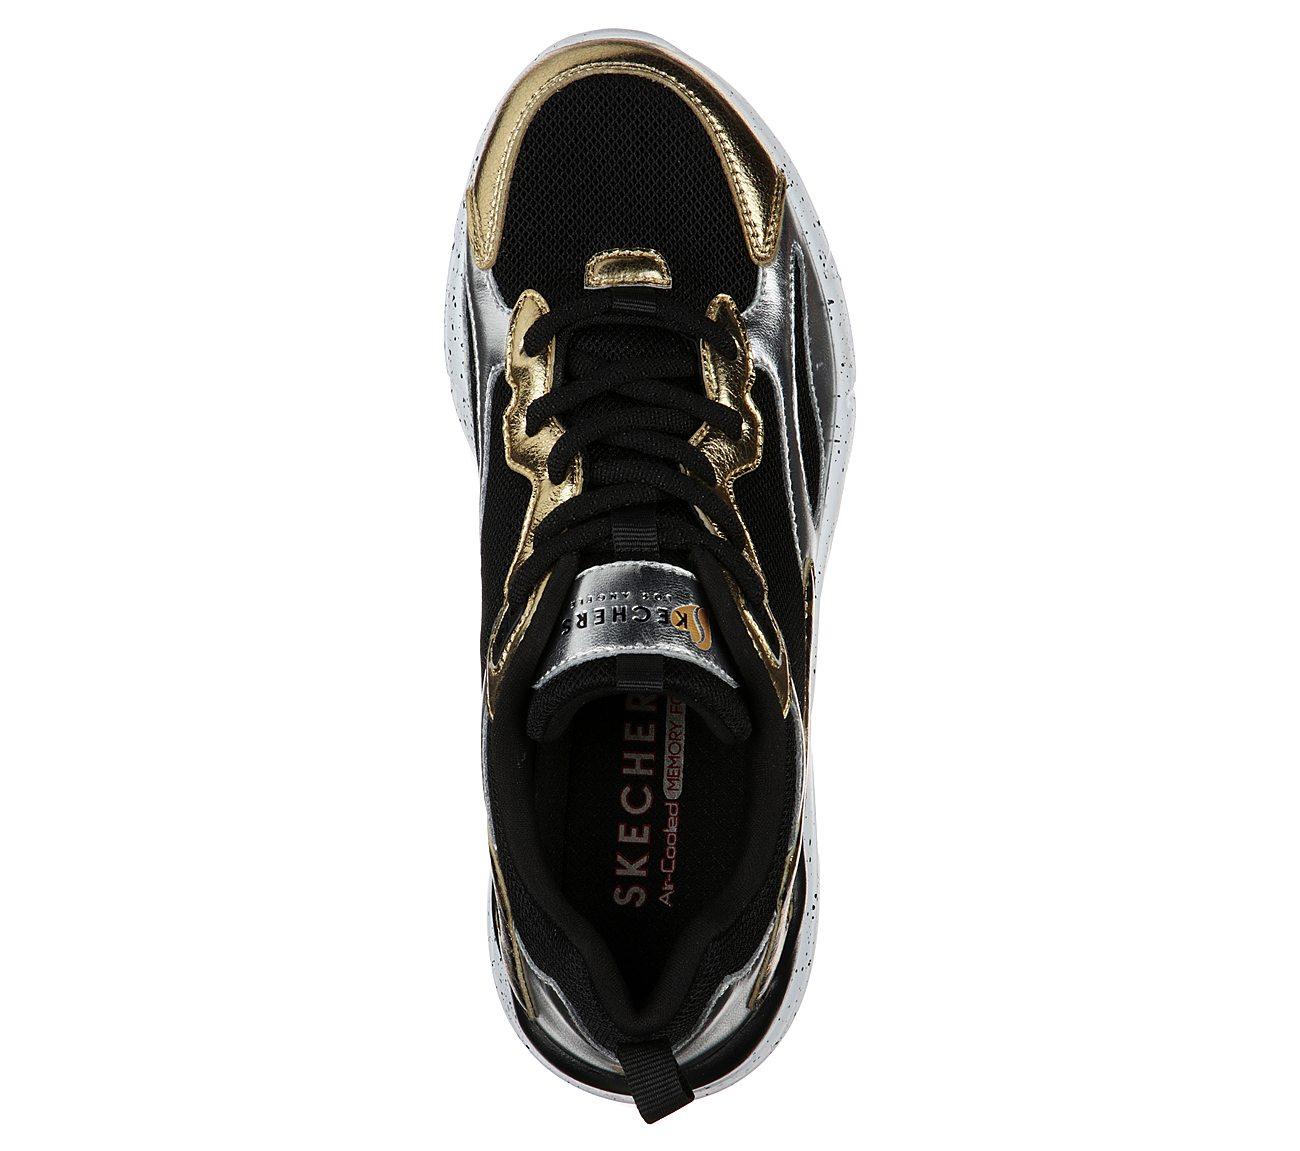 Skechers Women's Skechers Primo Dazzling Duo Sneaker BlackSilverGold Sneakers from shoes | ShapeShop